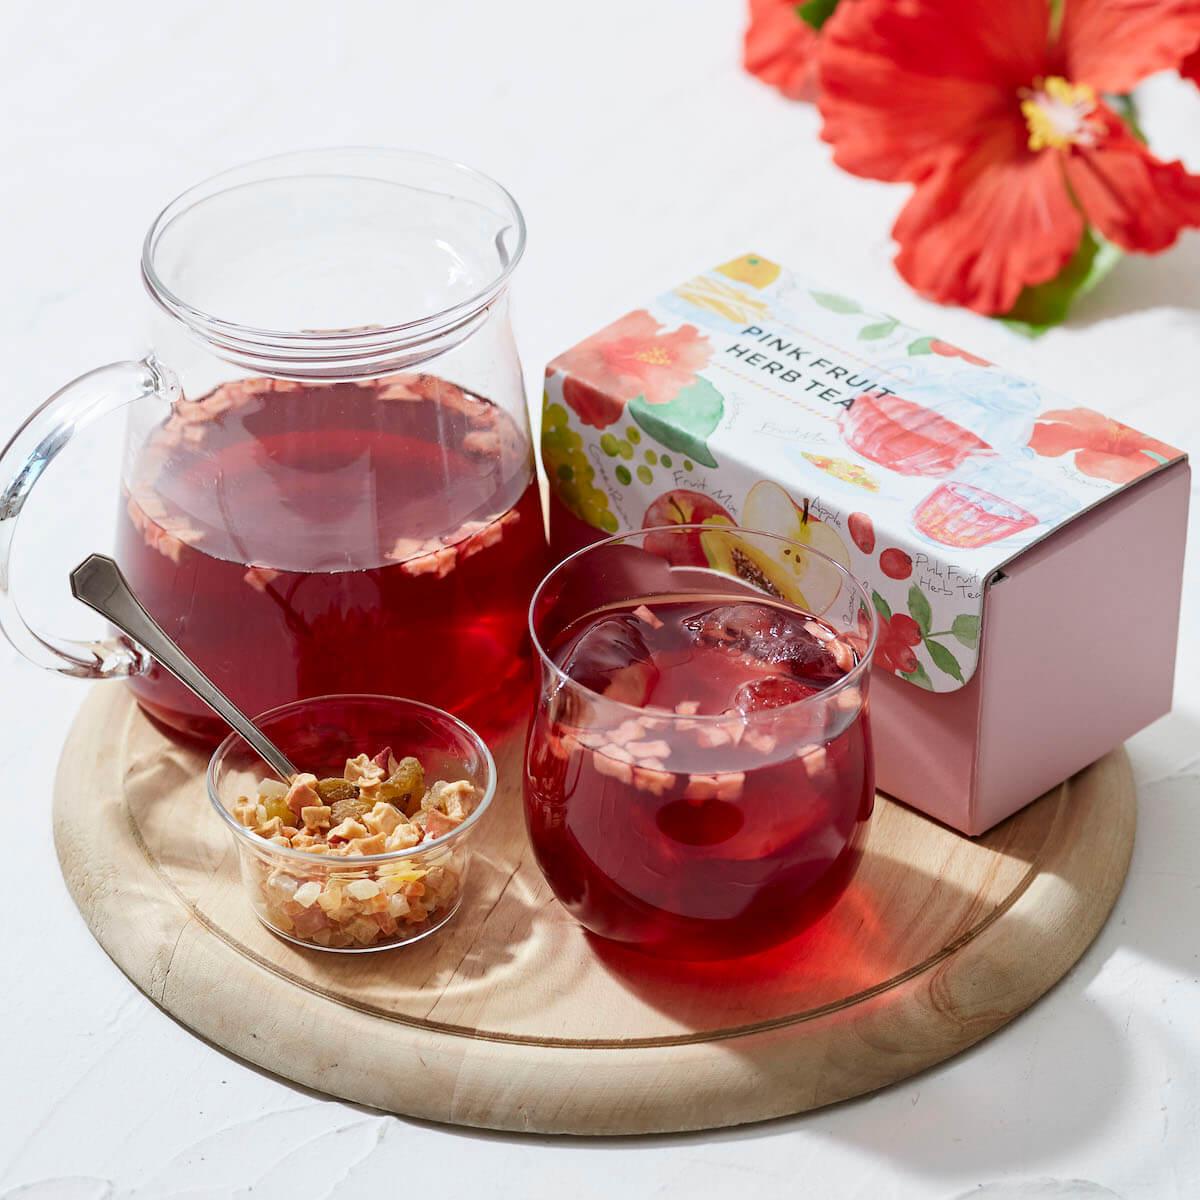 アフタヌーンティー・ティールームにて、ピンクとブルーのハーブティーセット2種を5月30日から数量限定で発売! gourmet190522afternoontea_main